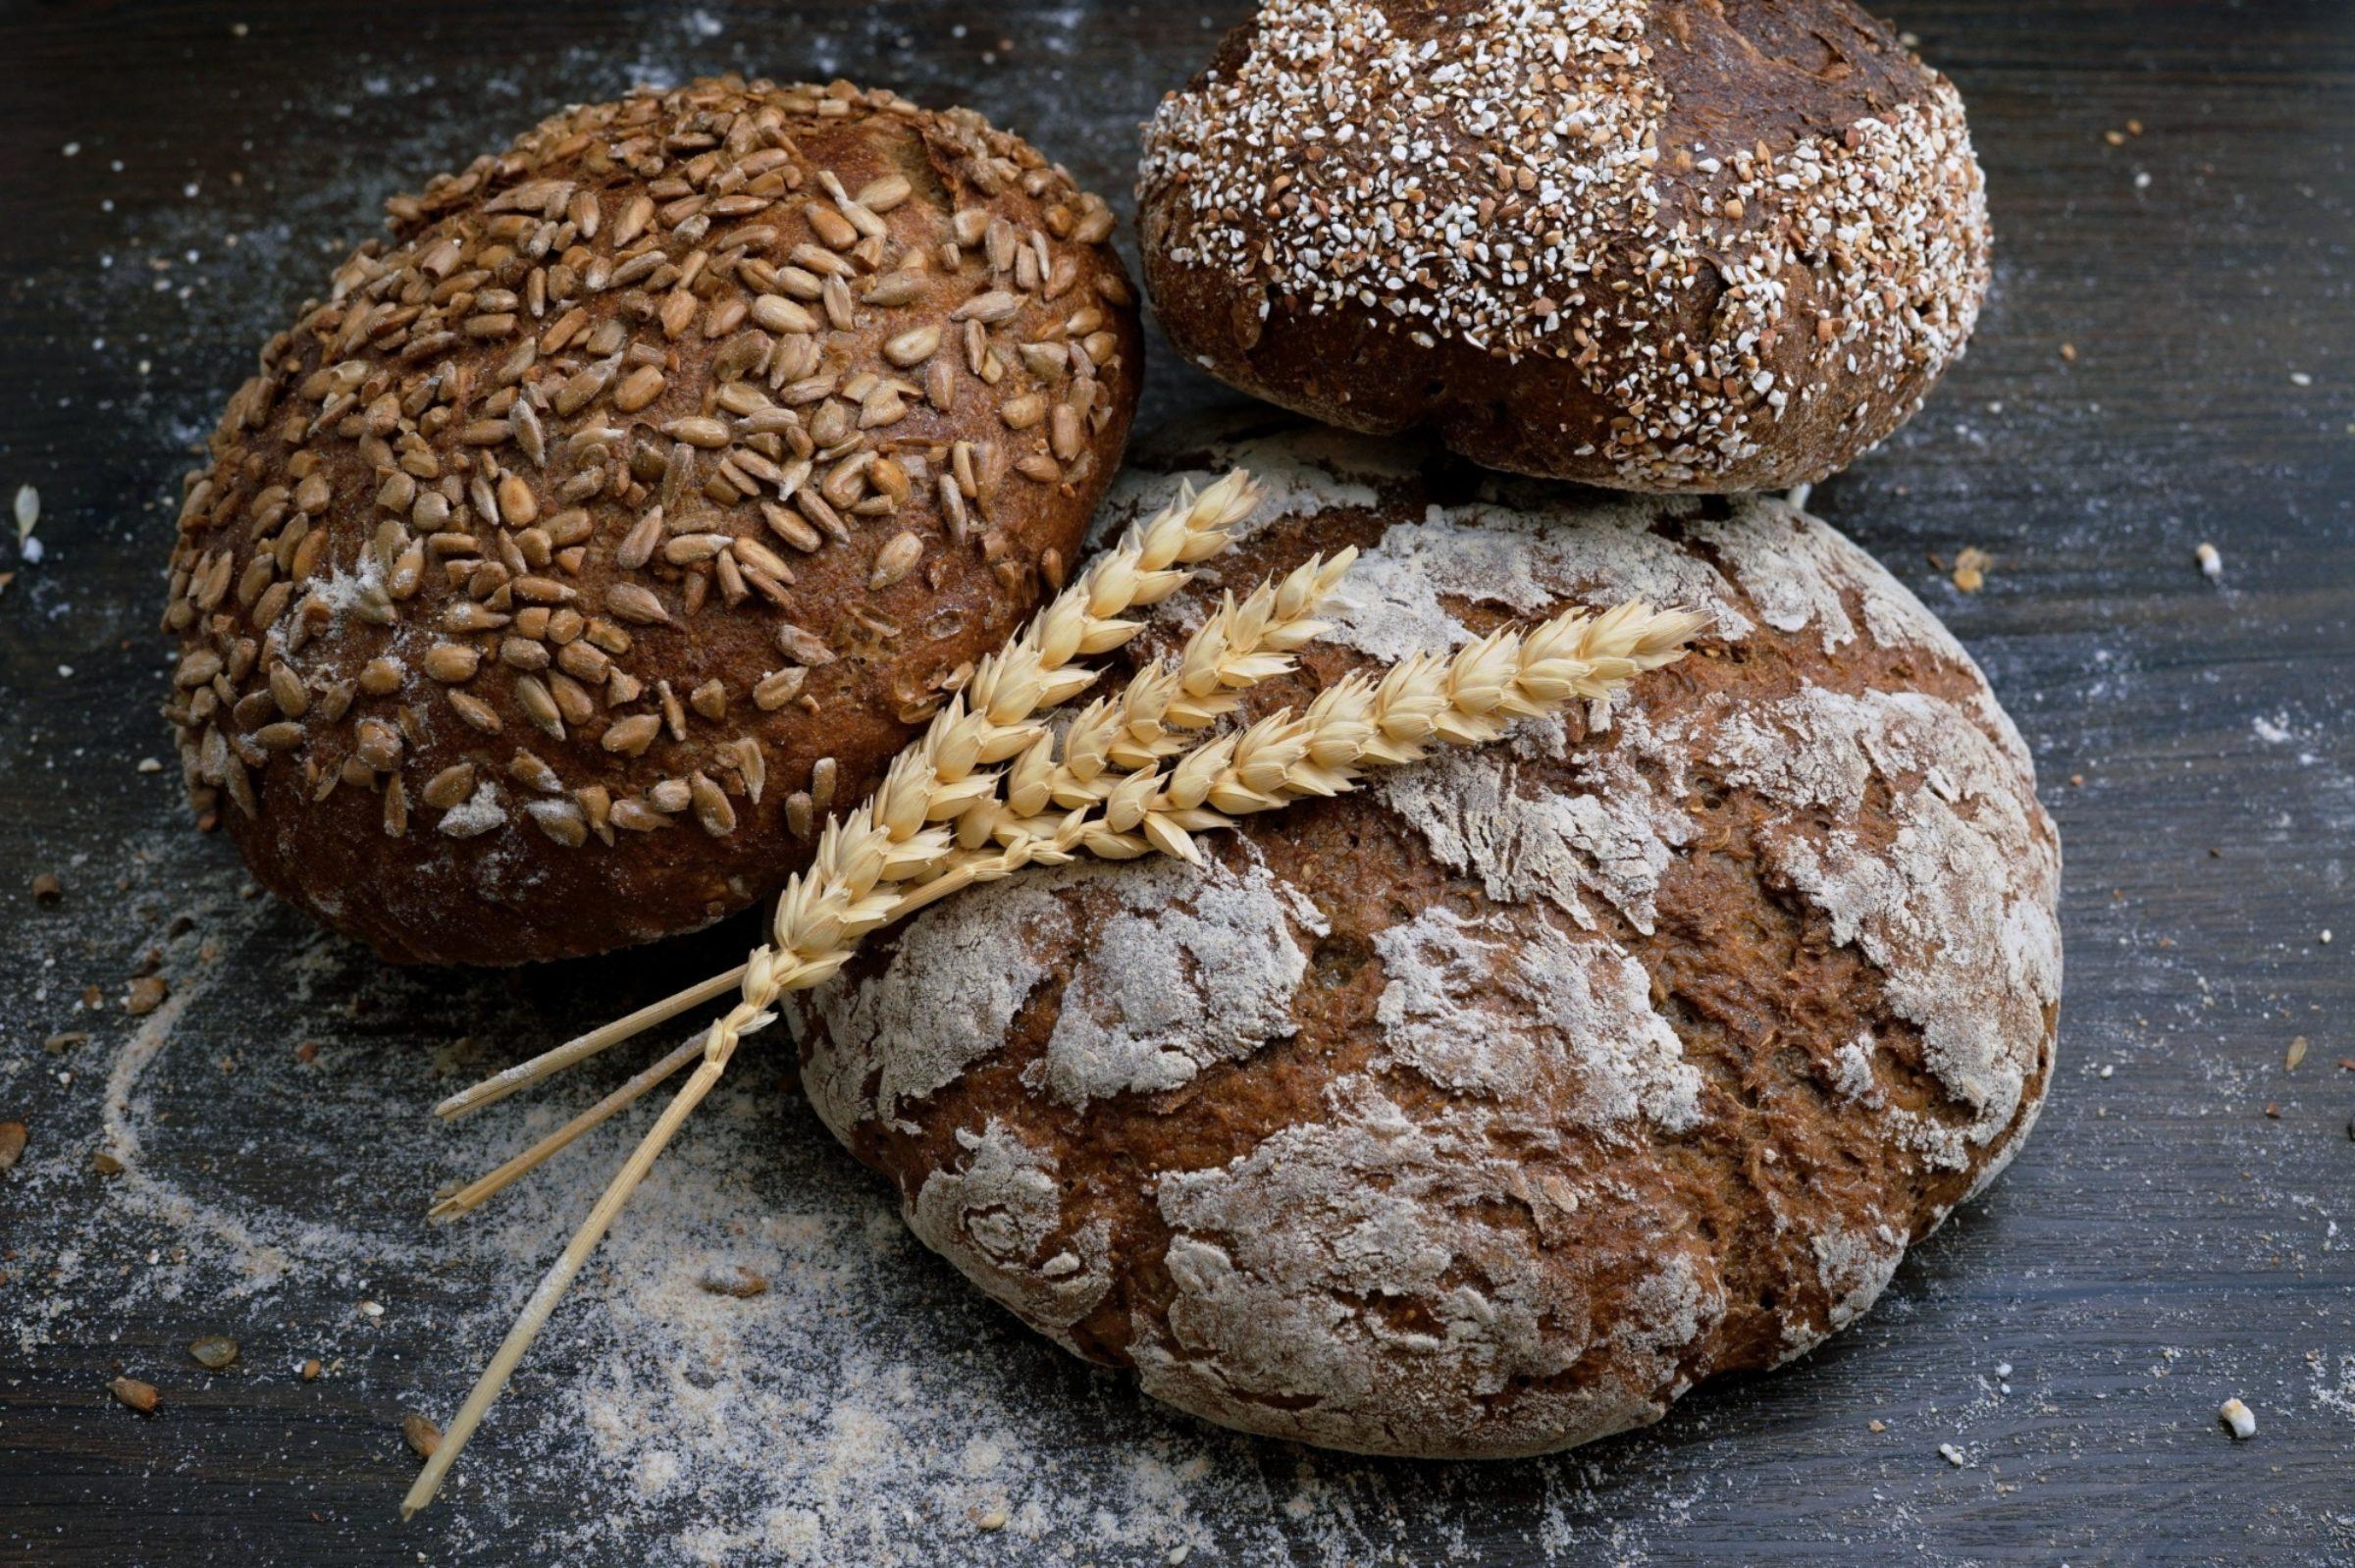 Brood markt Enschede